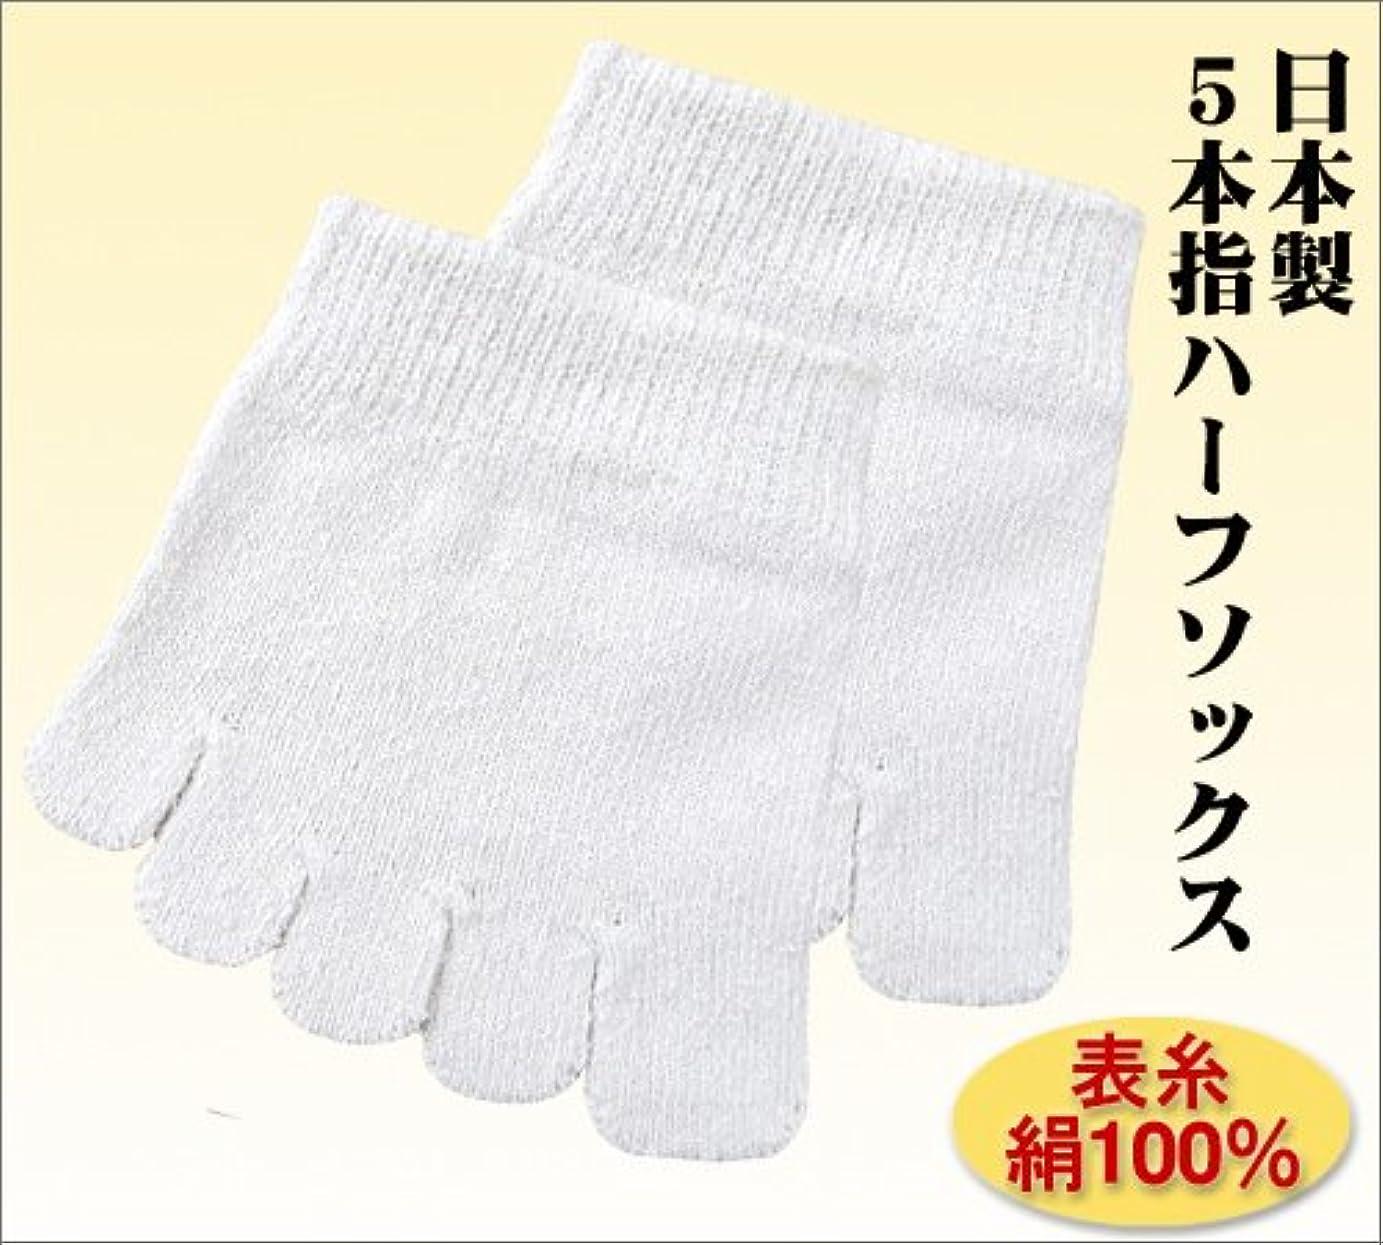 何もない折り目中庭日本製 天然シルク5本指ハーフソックス 表糸絹100% 快適な指先ソックス 2足組 (婦人(オフ白2足組))